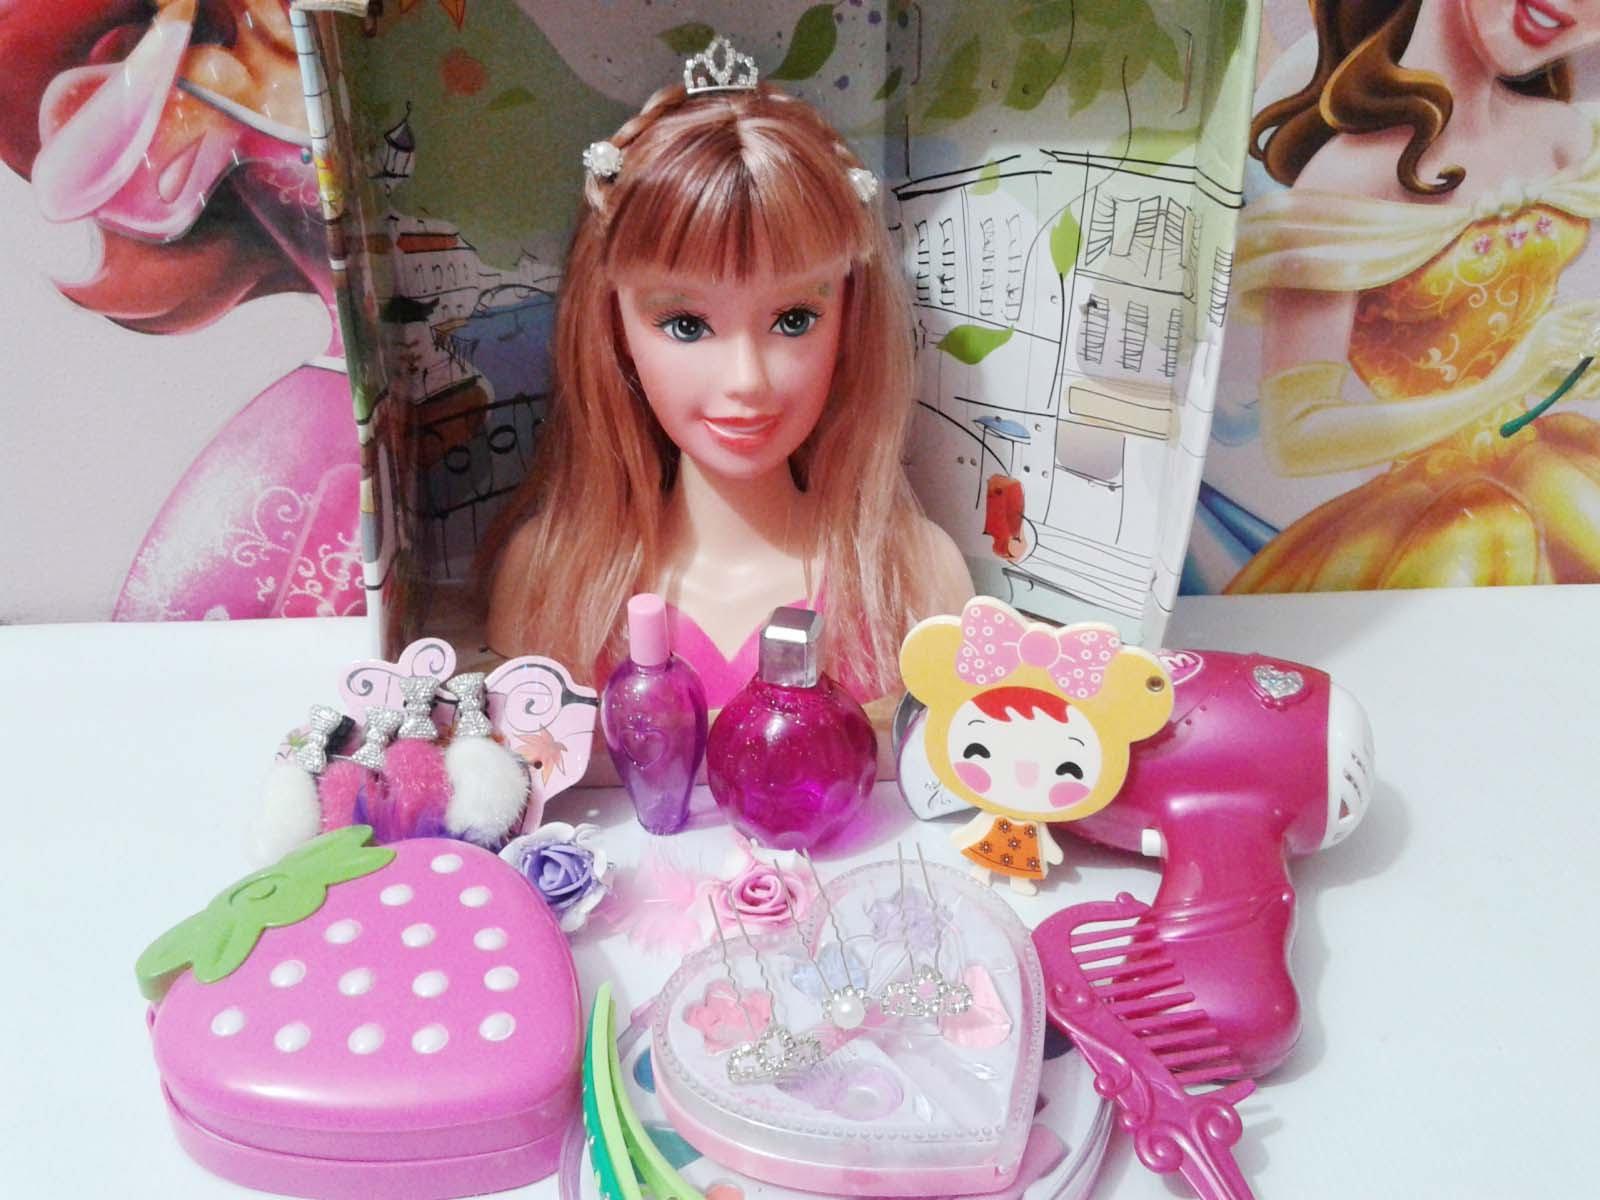 بالصور لعب اطفال بنات , اشكال متنوعة من الالعاب تشتريها لابنتك 3232 7